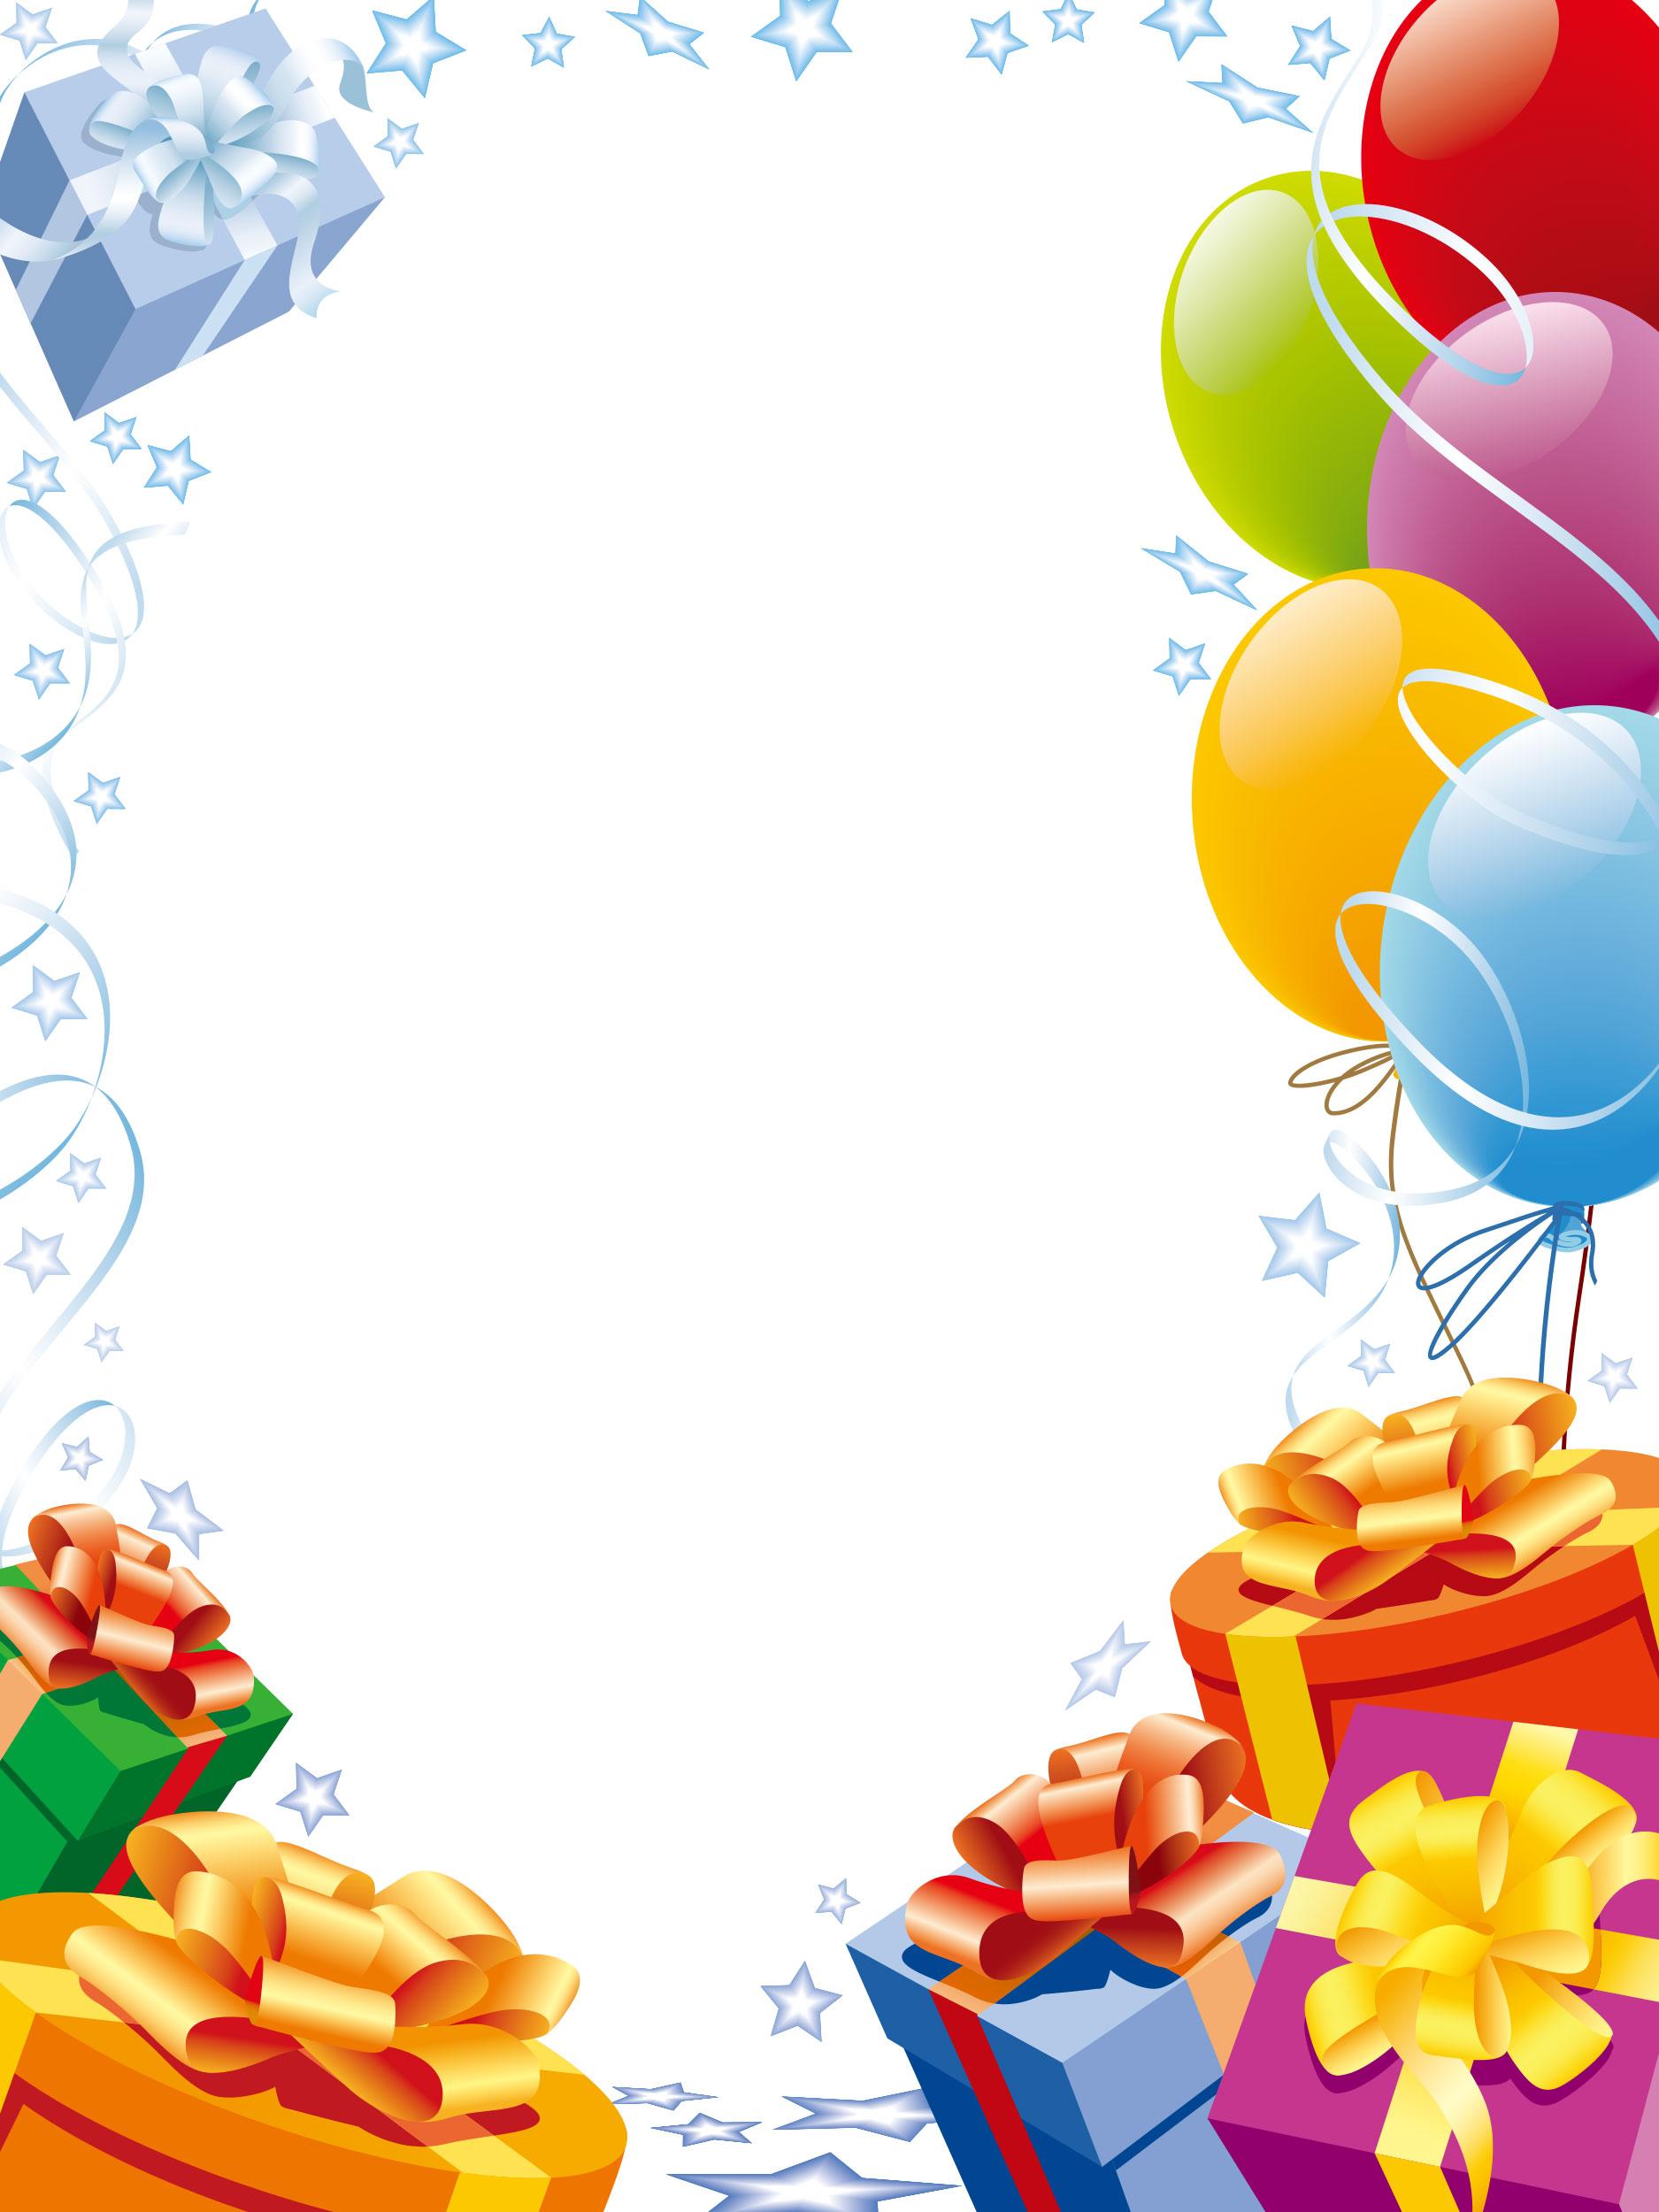 フレーム囲い枠のイラストno293パーティー誕生日無料のフリー